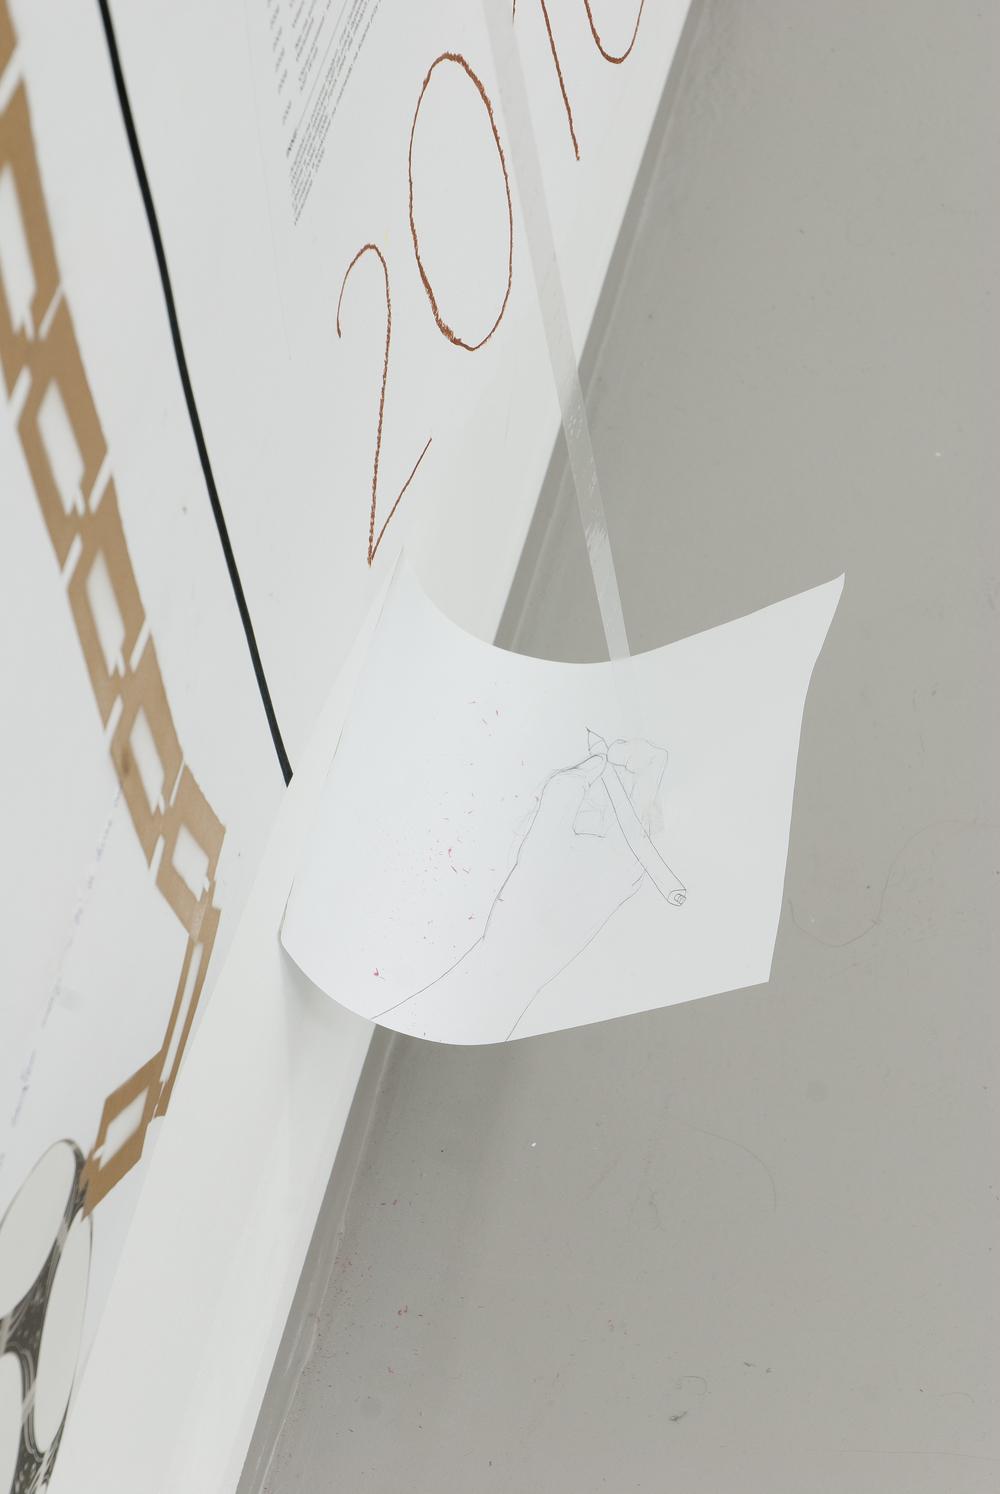 Pawel-Sysiak-Mala-retrospektywa-0031.jpg